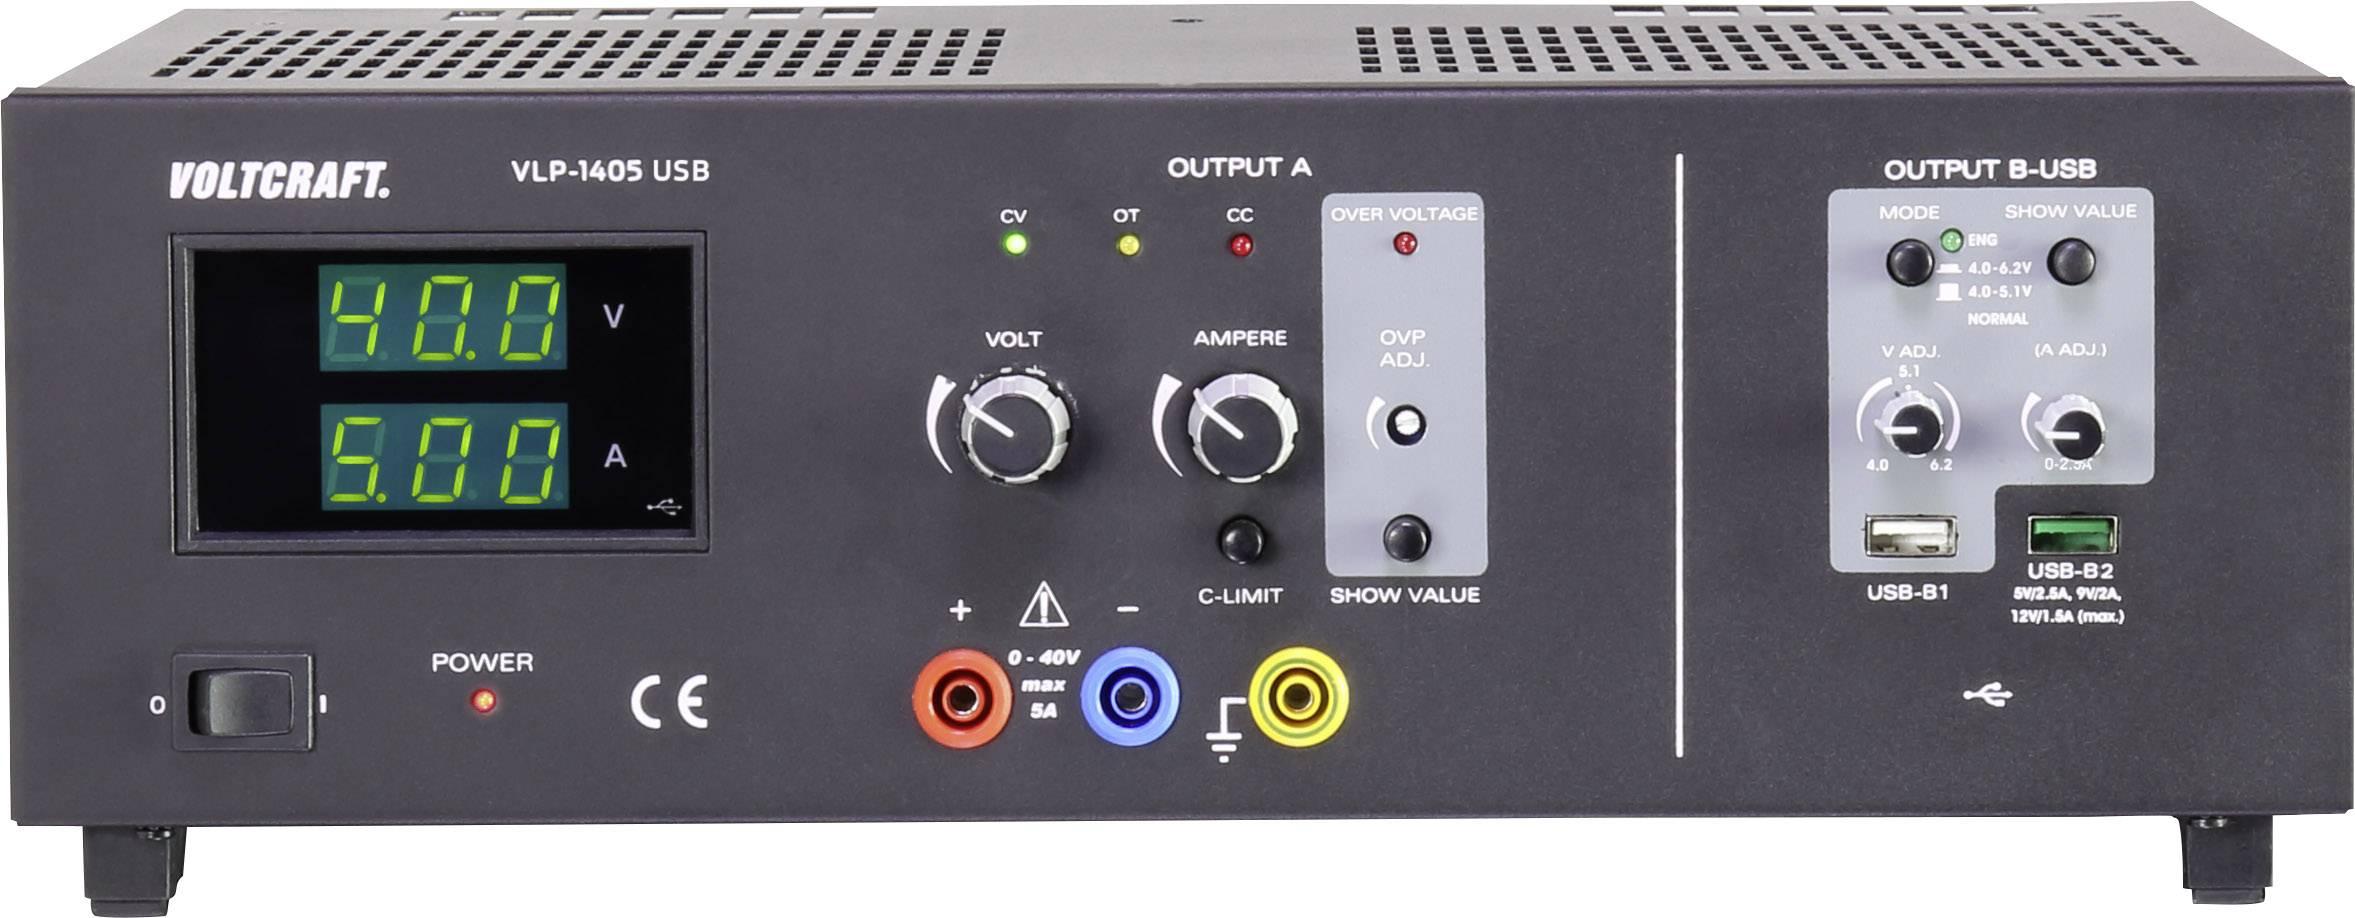 Laboratórny zdroj s nastaviteľným napätím VOLTCRAFT 0 - 40 V, 0.01 - 5 A, 490 VA